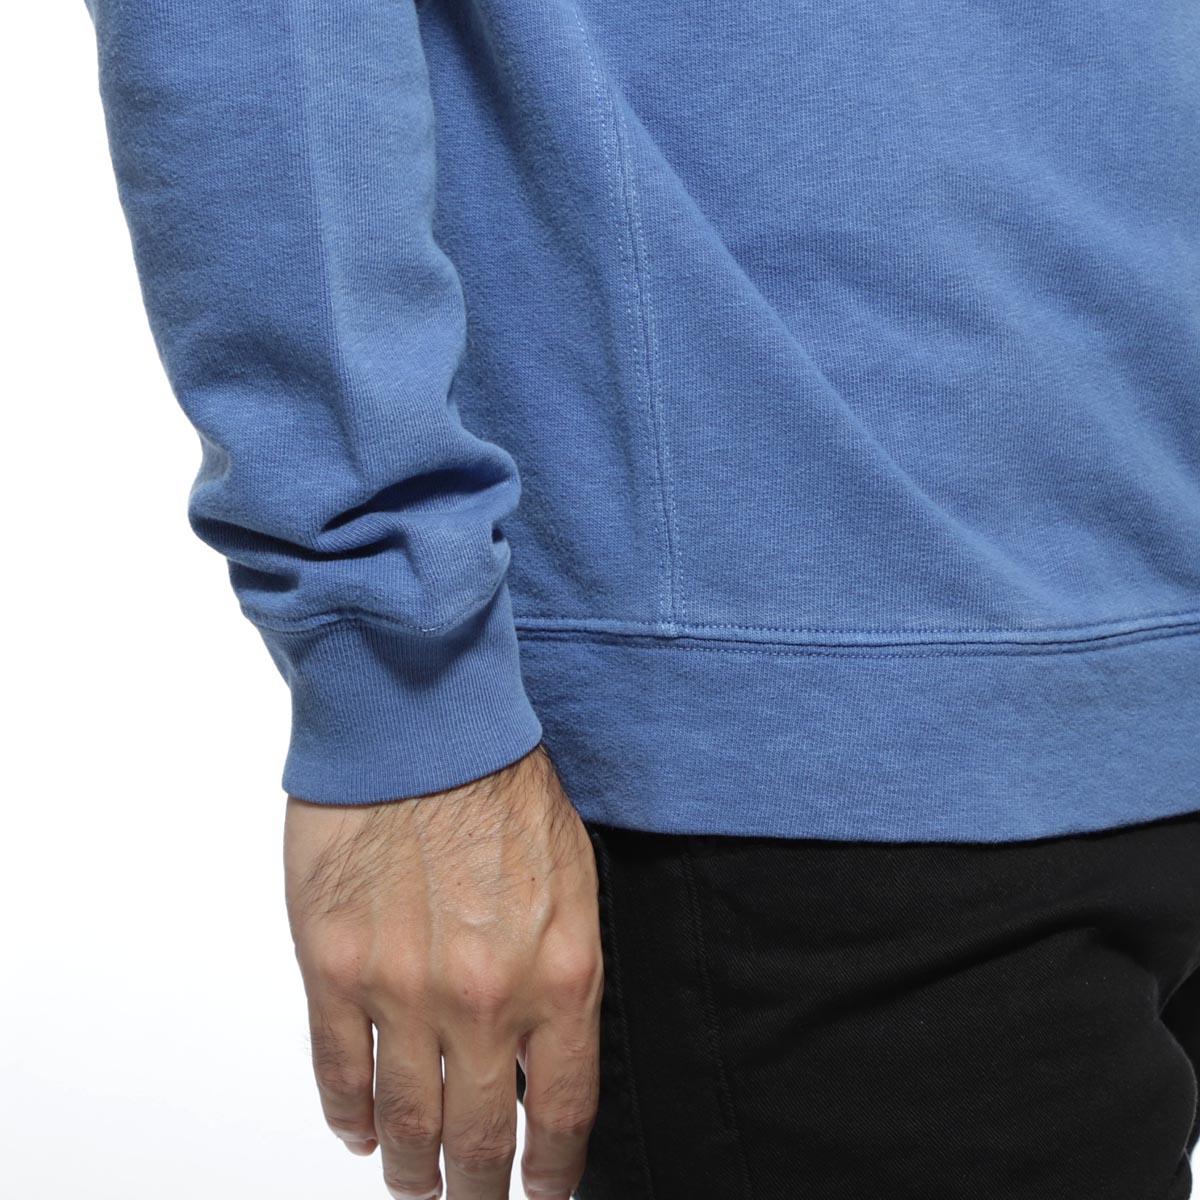 STONE ISLAND  ストーンアイランド スウェット/65560 'OLD' DYE TREATMENT メンズ